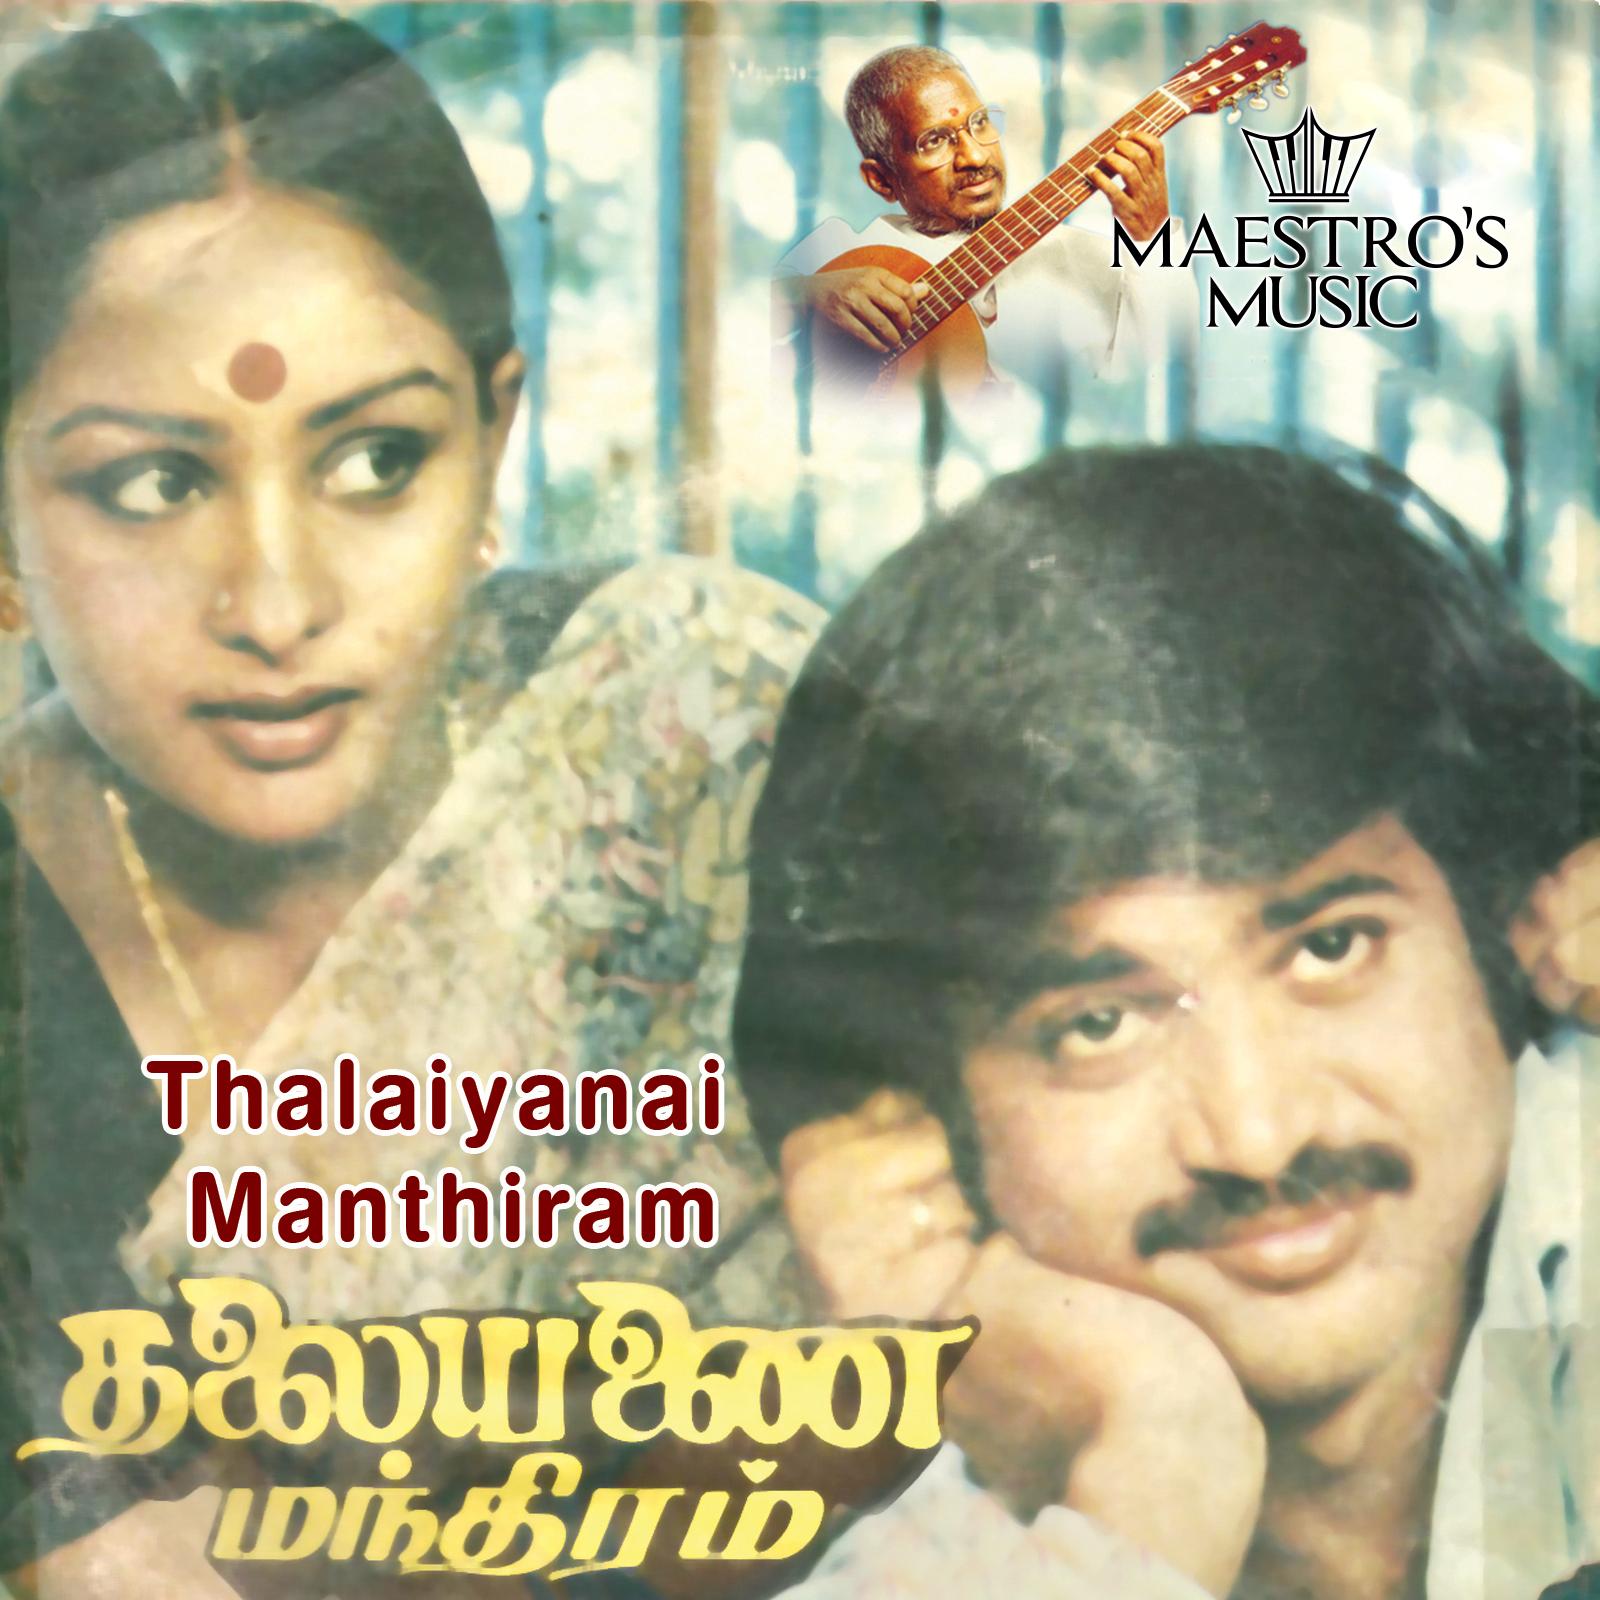 Thalayanai Mandhiram ((1984))